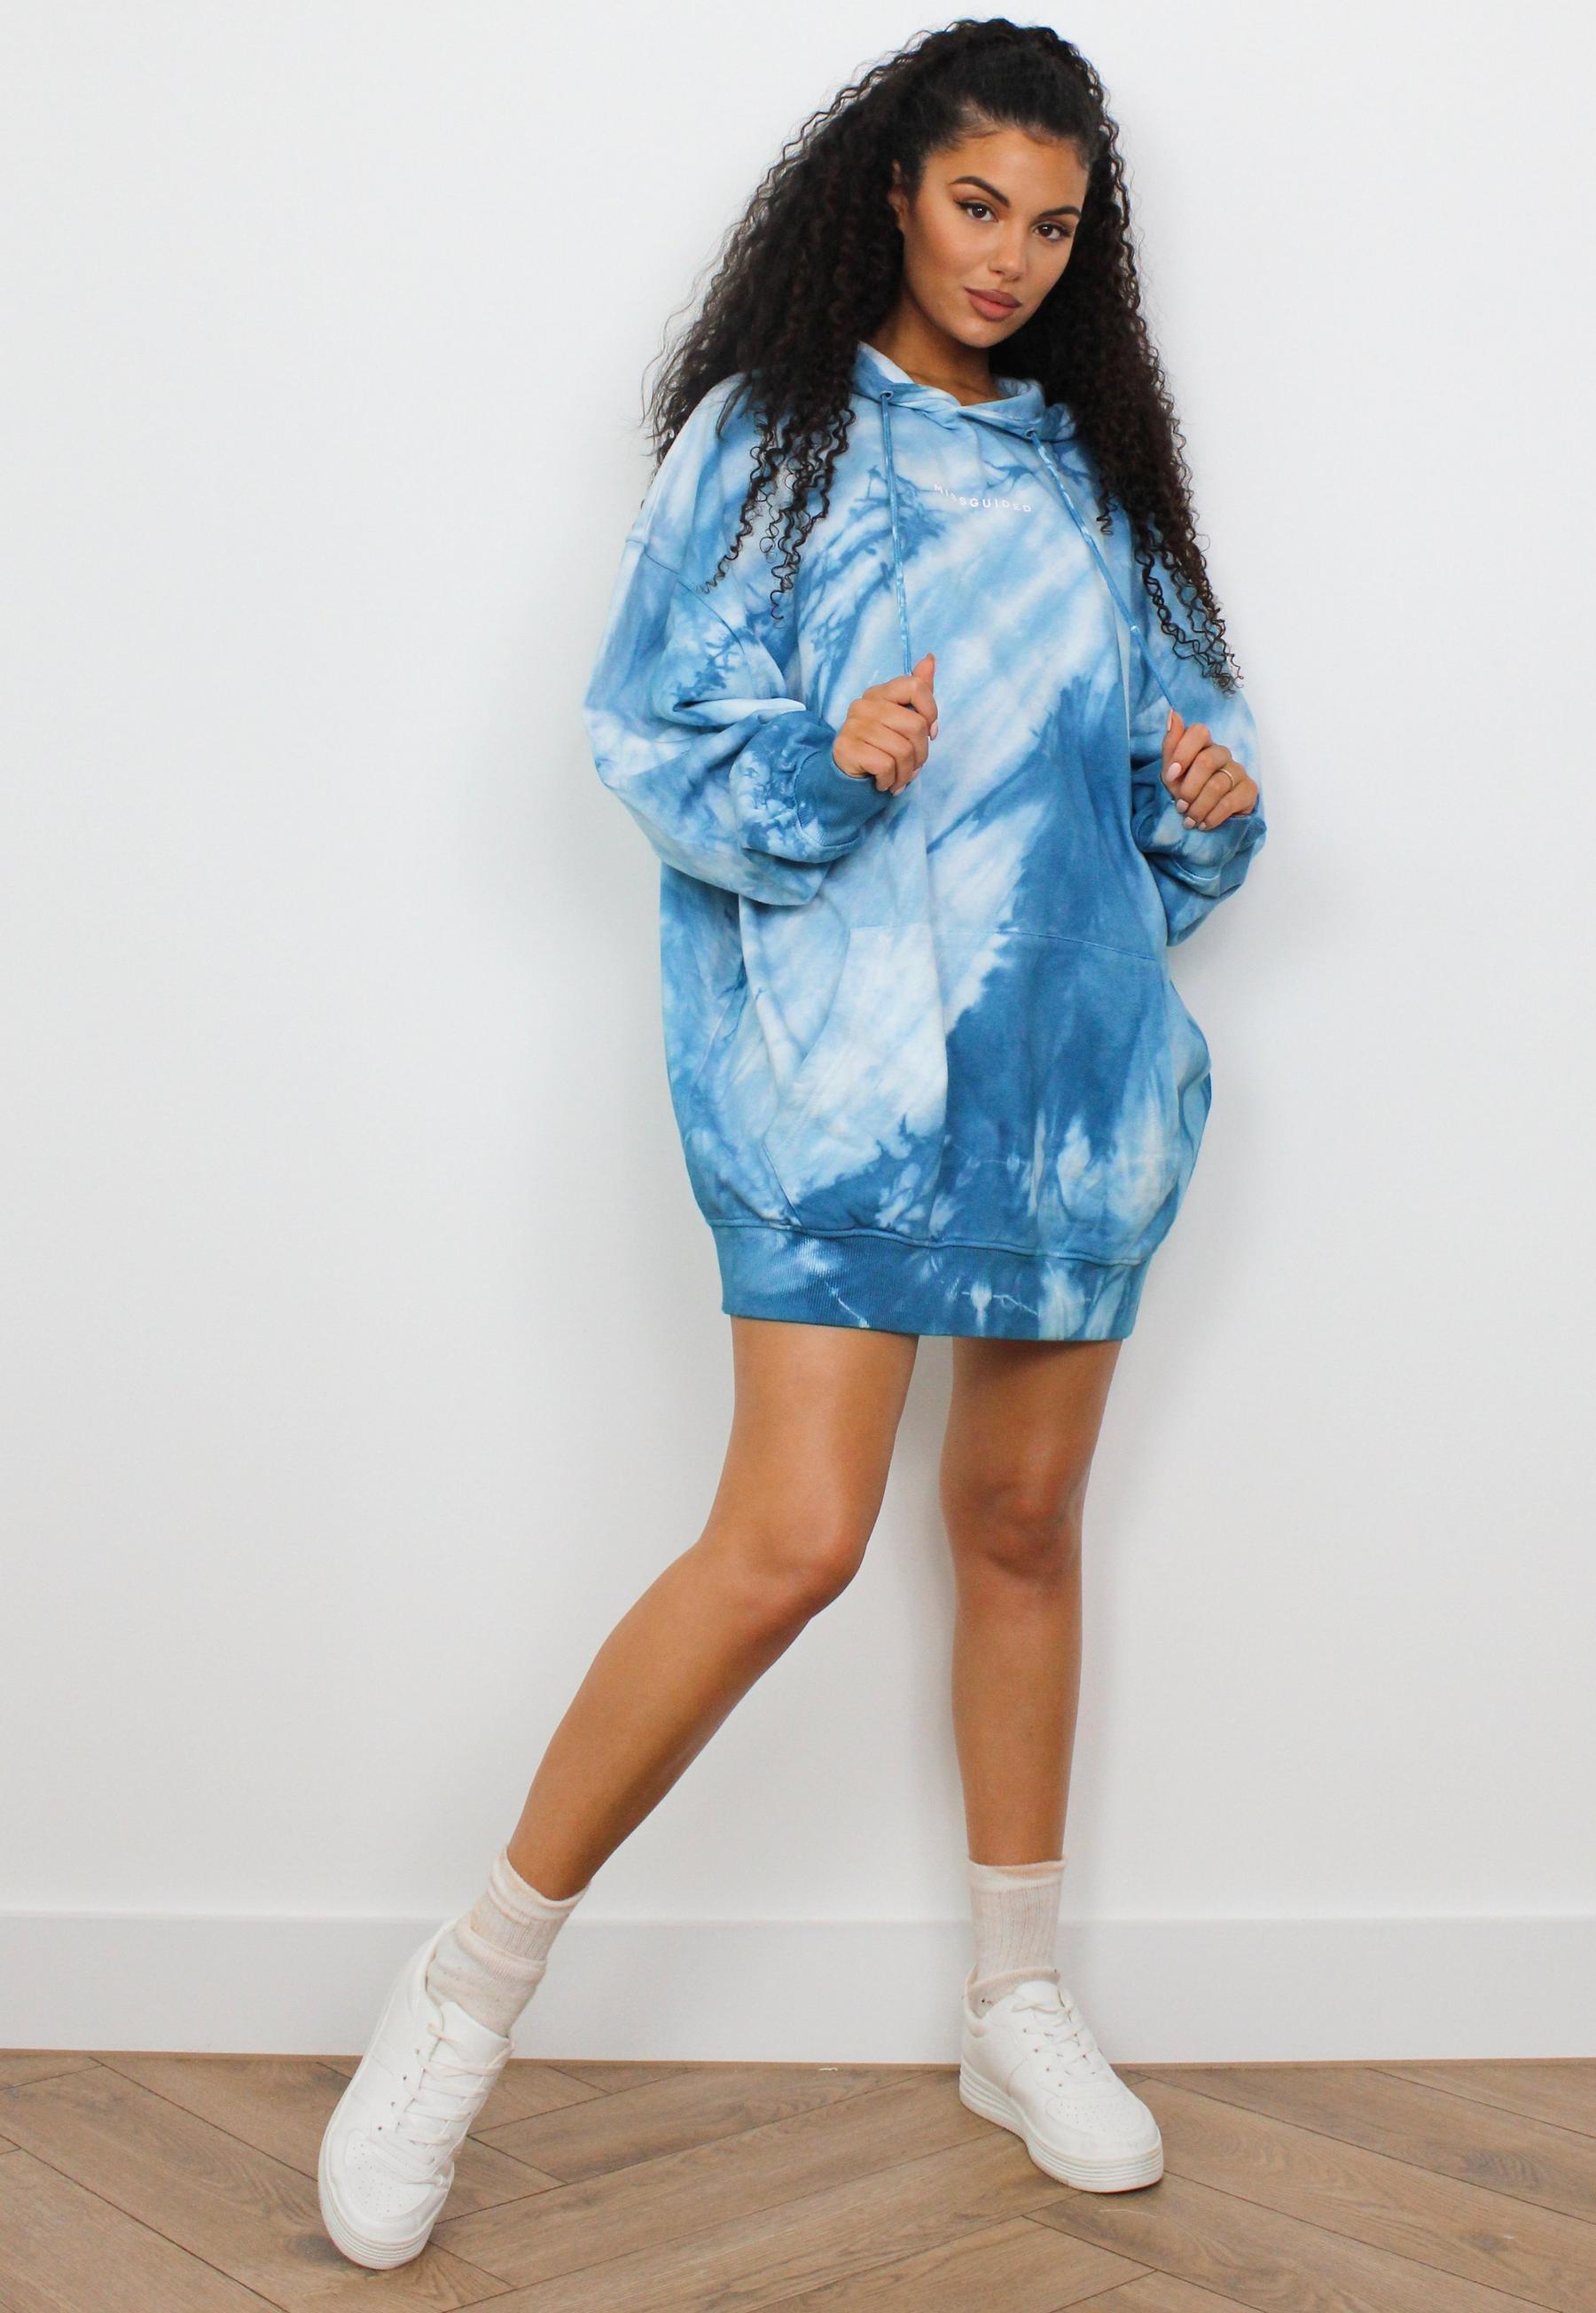 Blue Tie Dye Missguided Oversized Hooded Sweater Dress